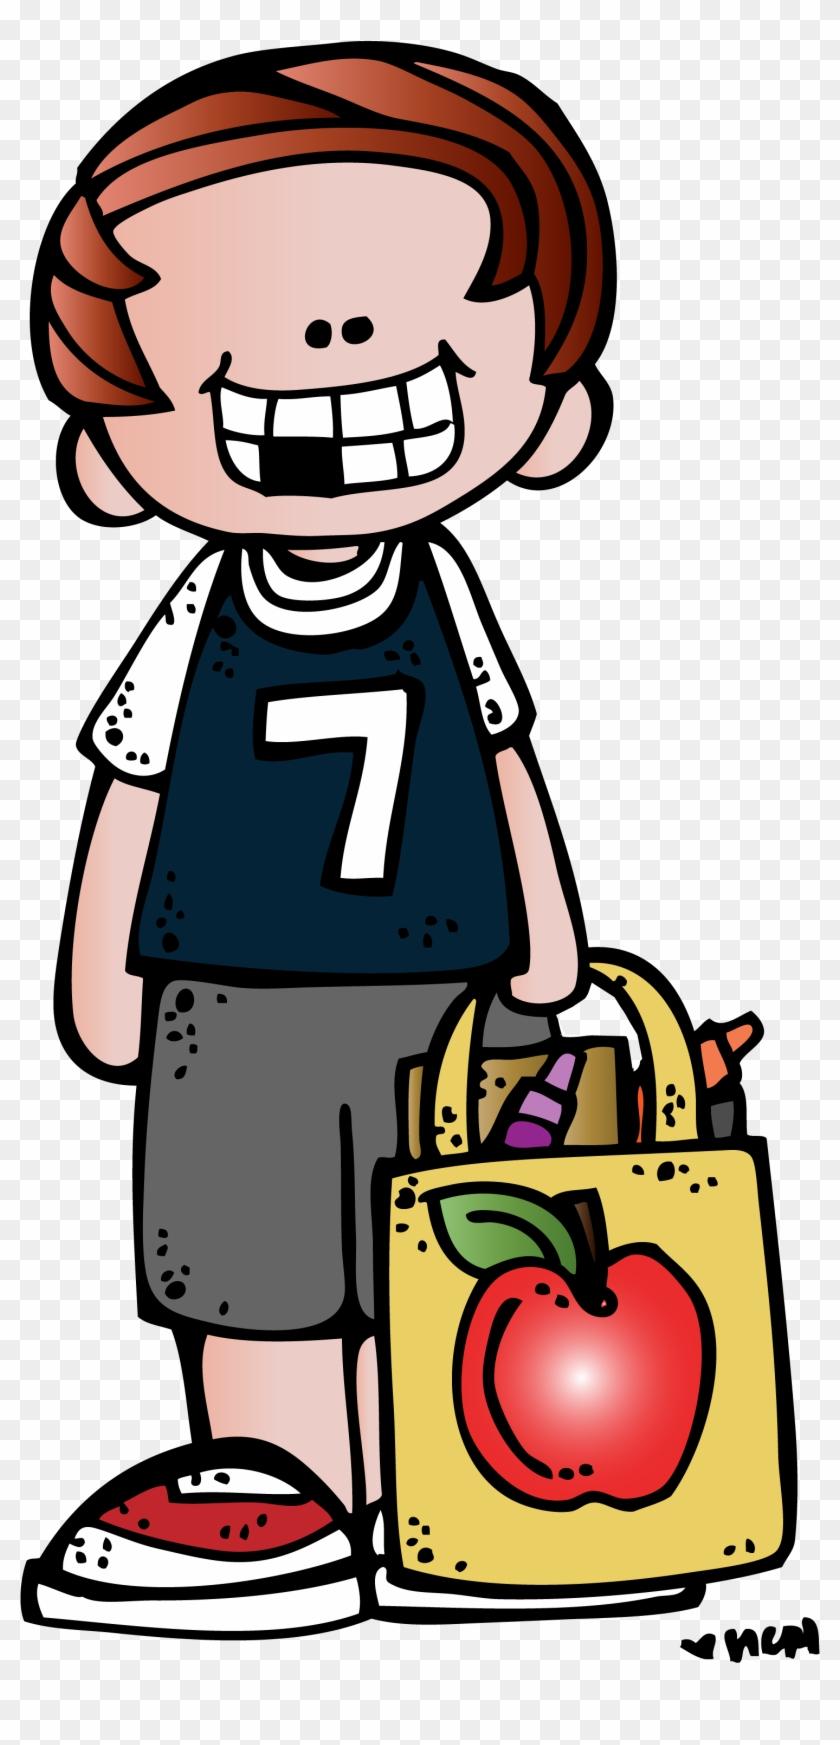 Melonheadz School Supplies Clipart - Melonheadz Boy Clipart #231806